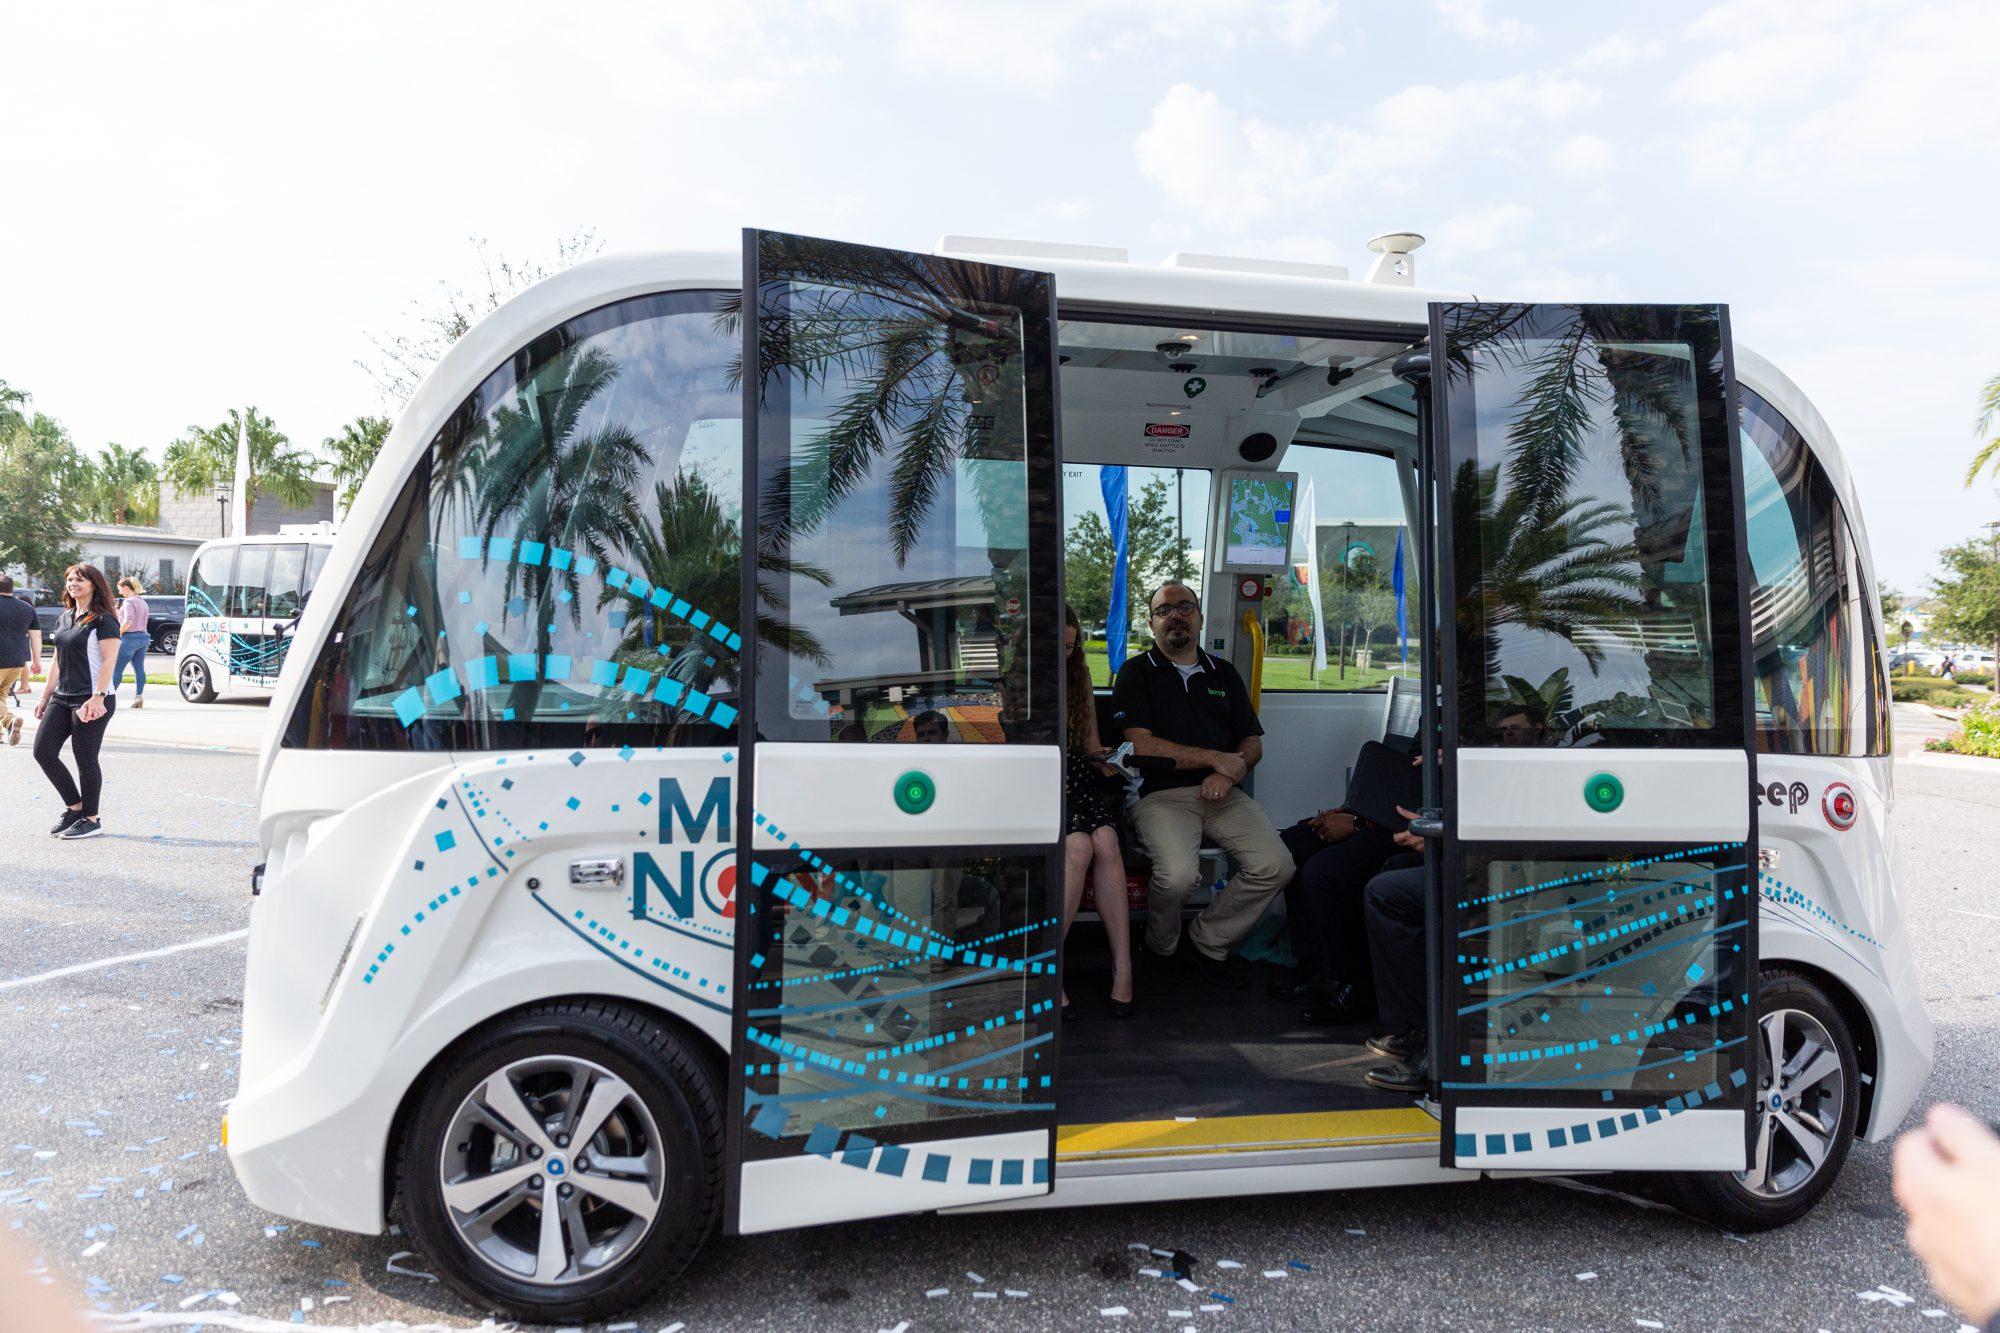 Autonomous Vehicles: Move Nona 3